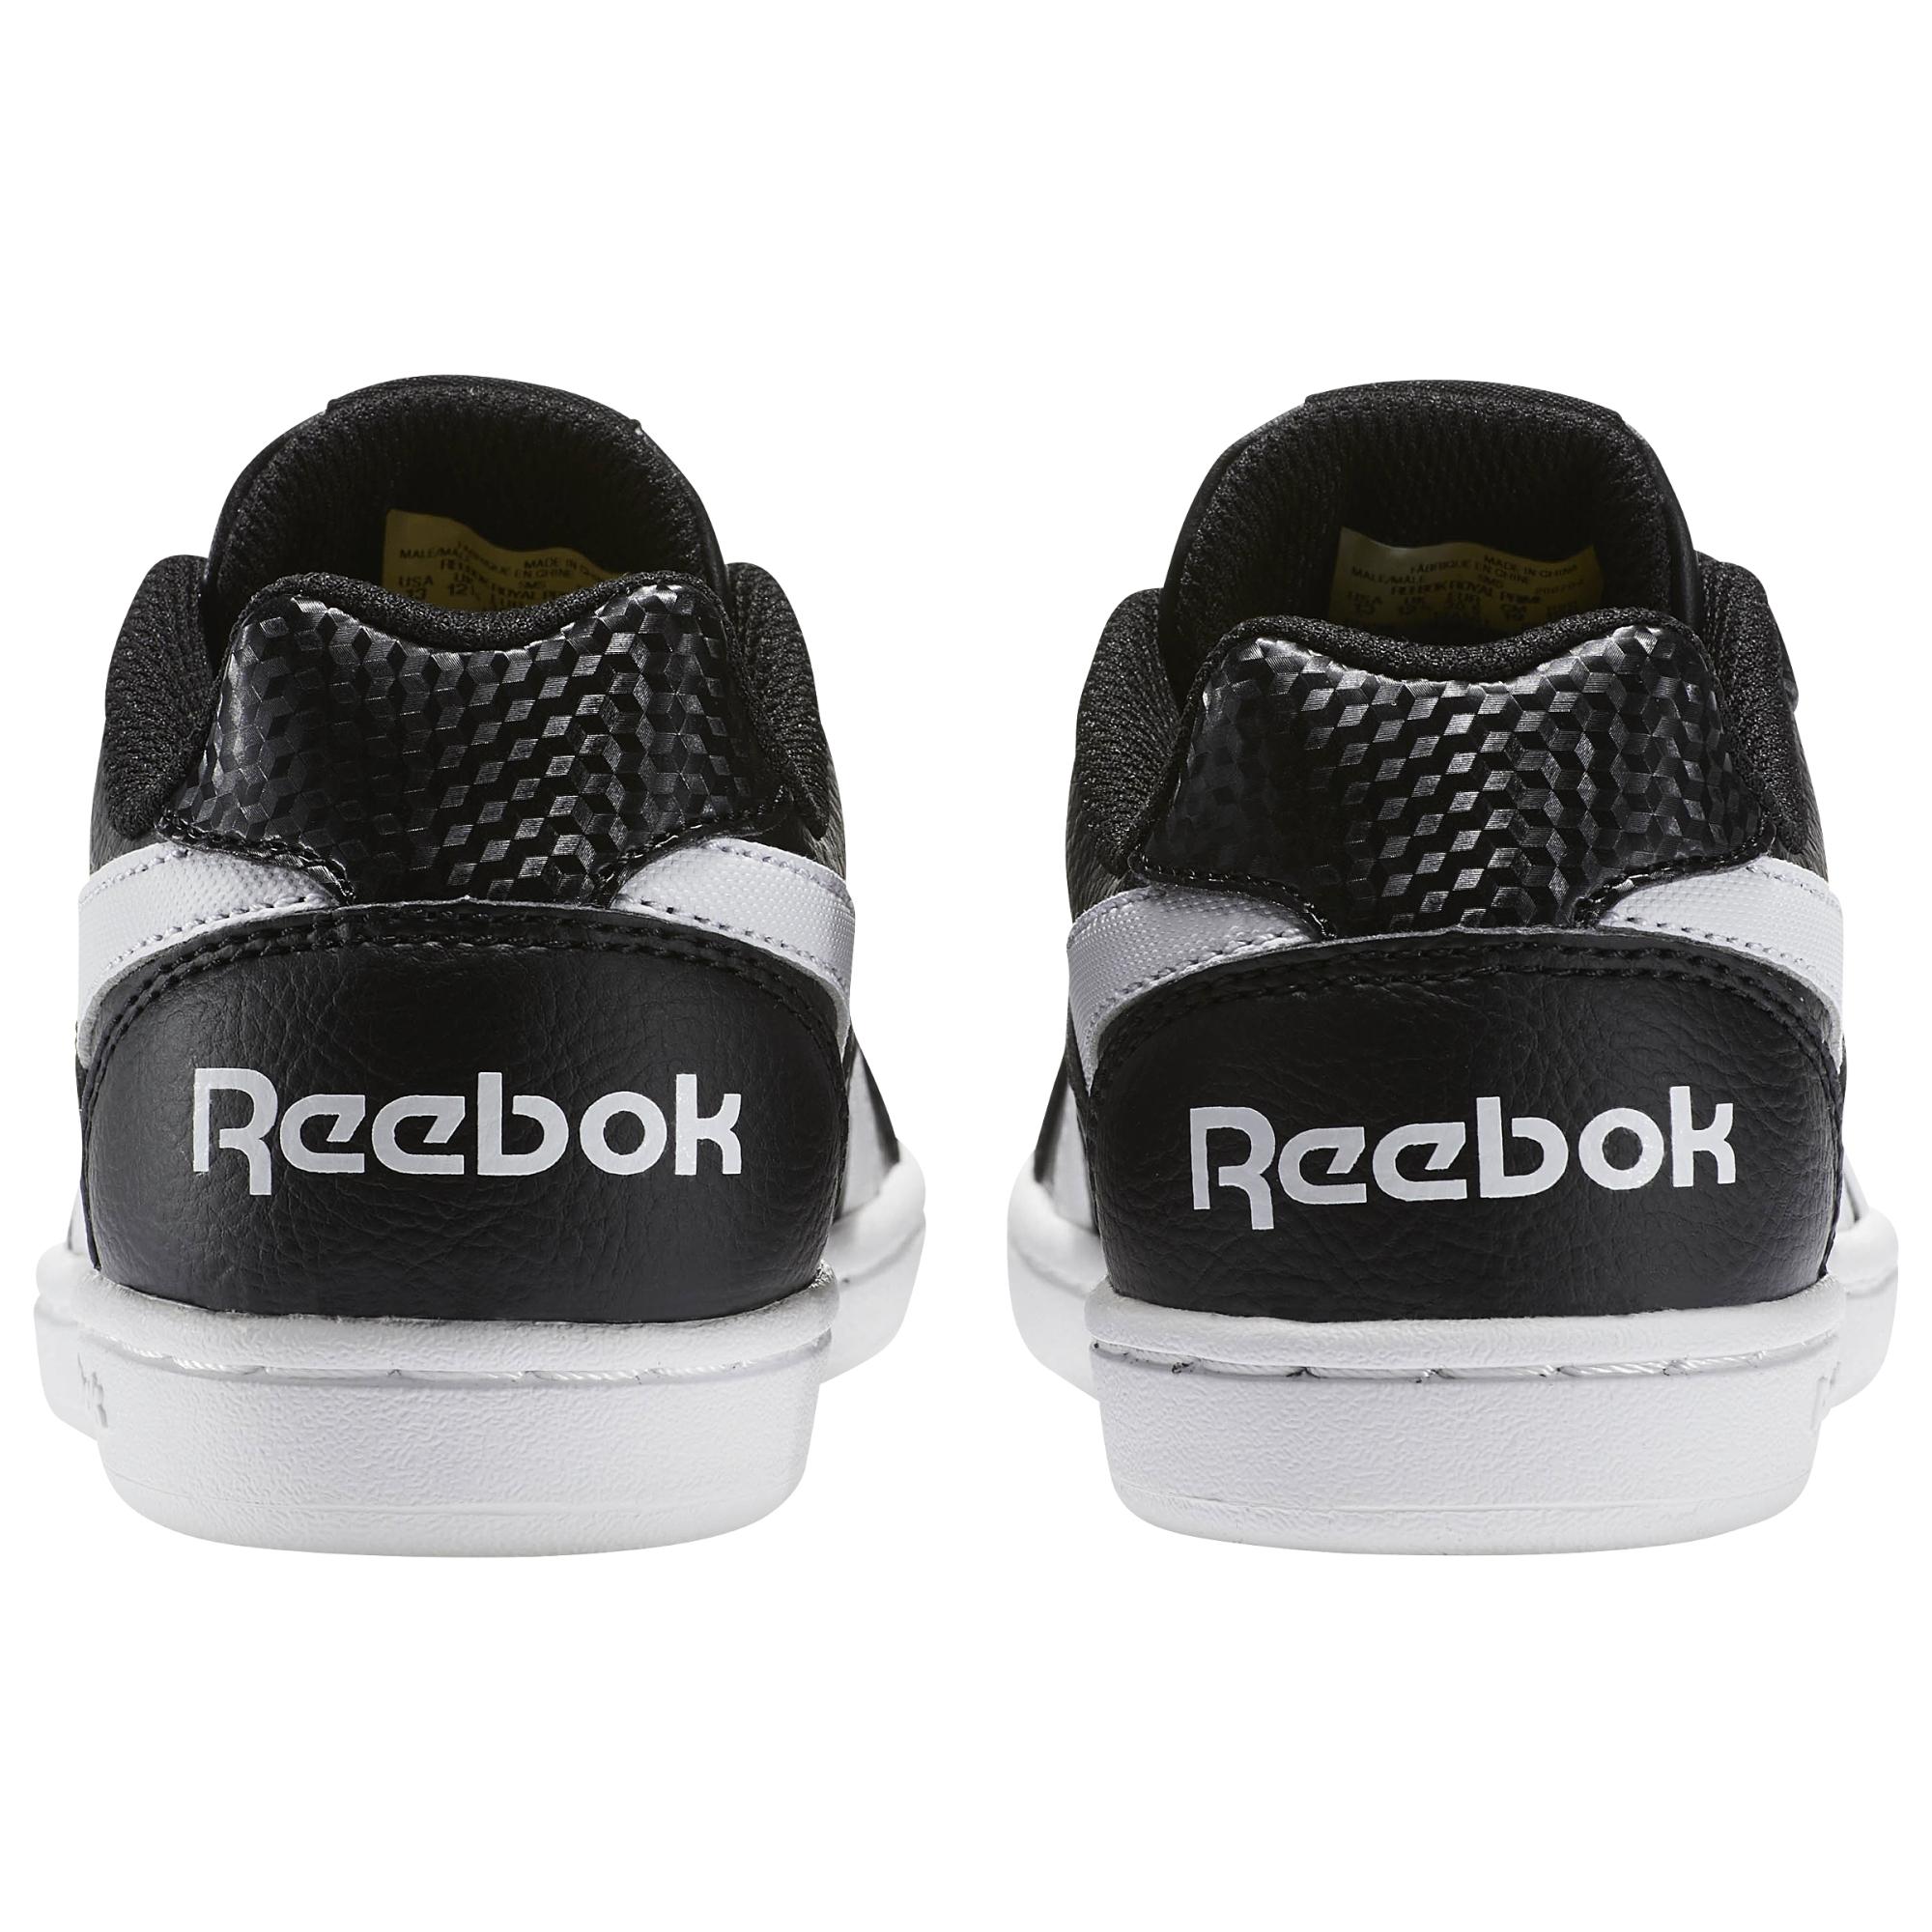 Buty Reebok Royal Prime BD2388 39